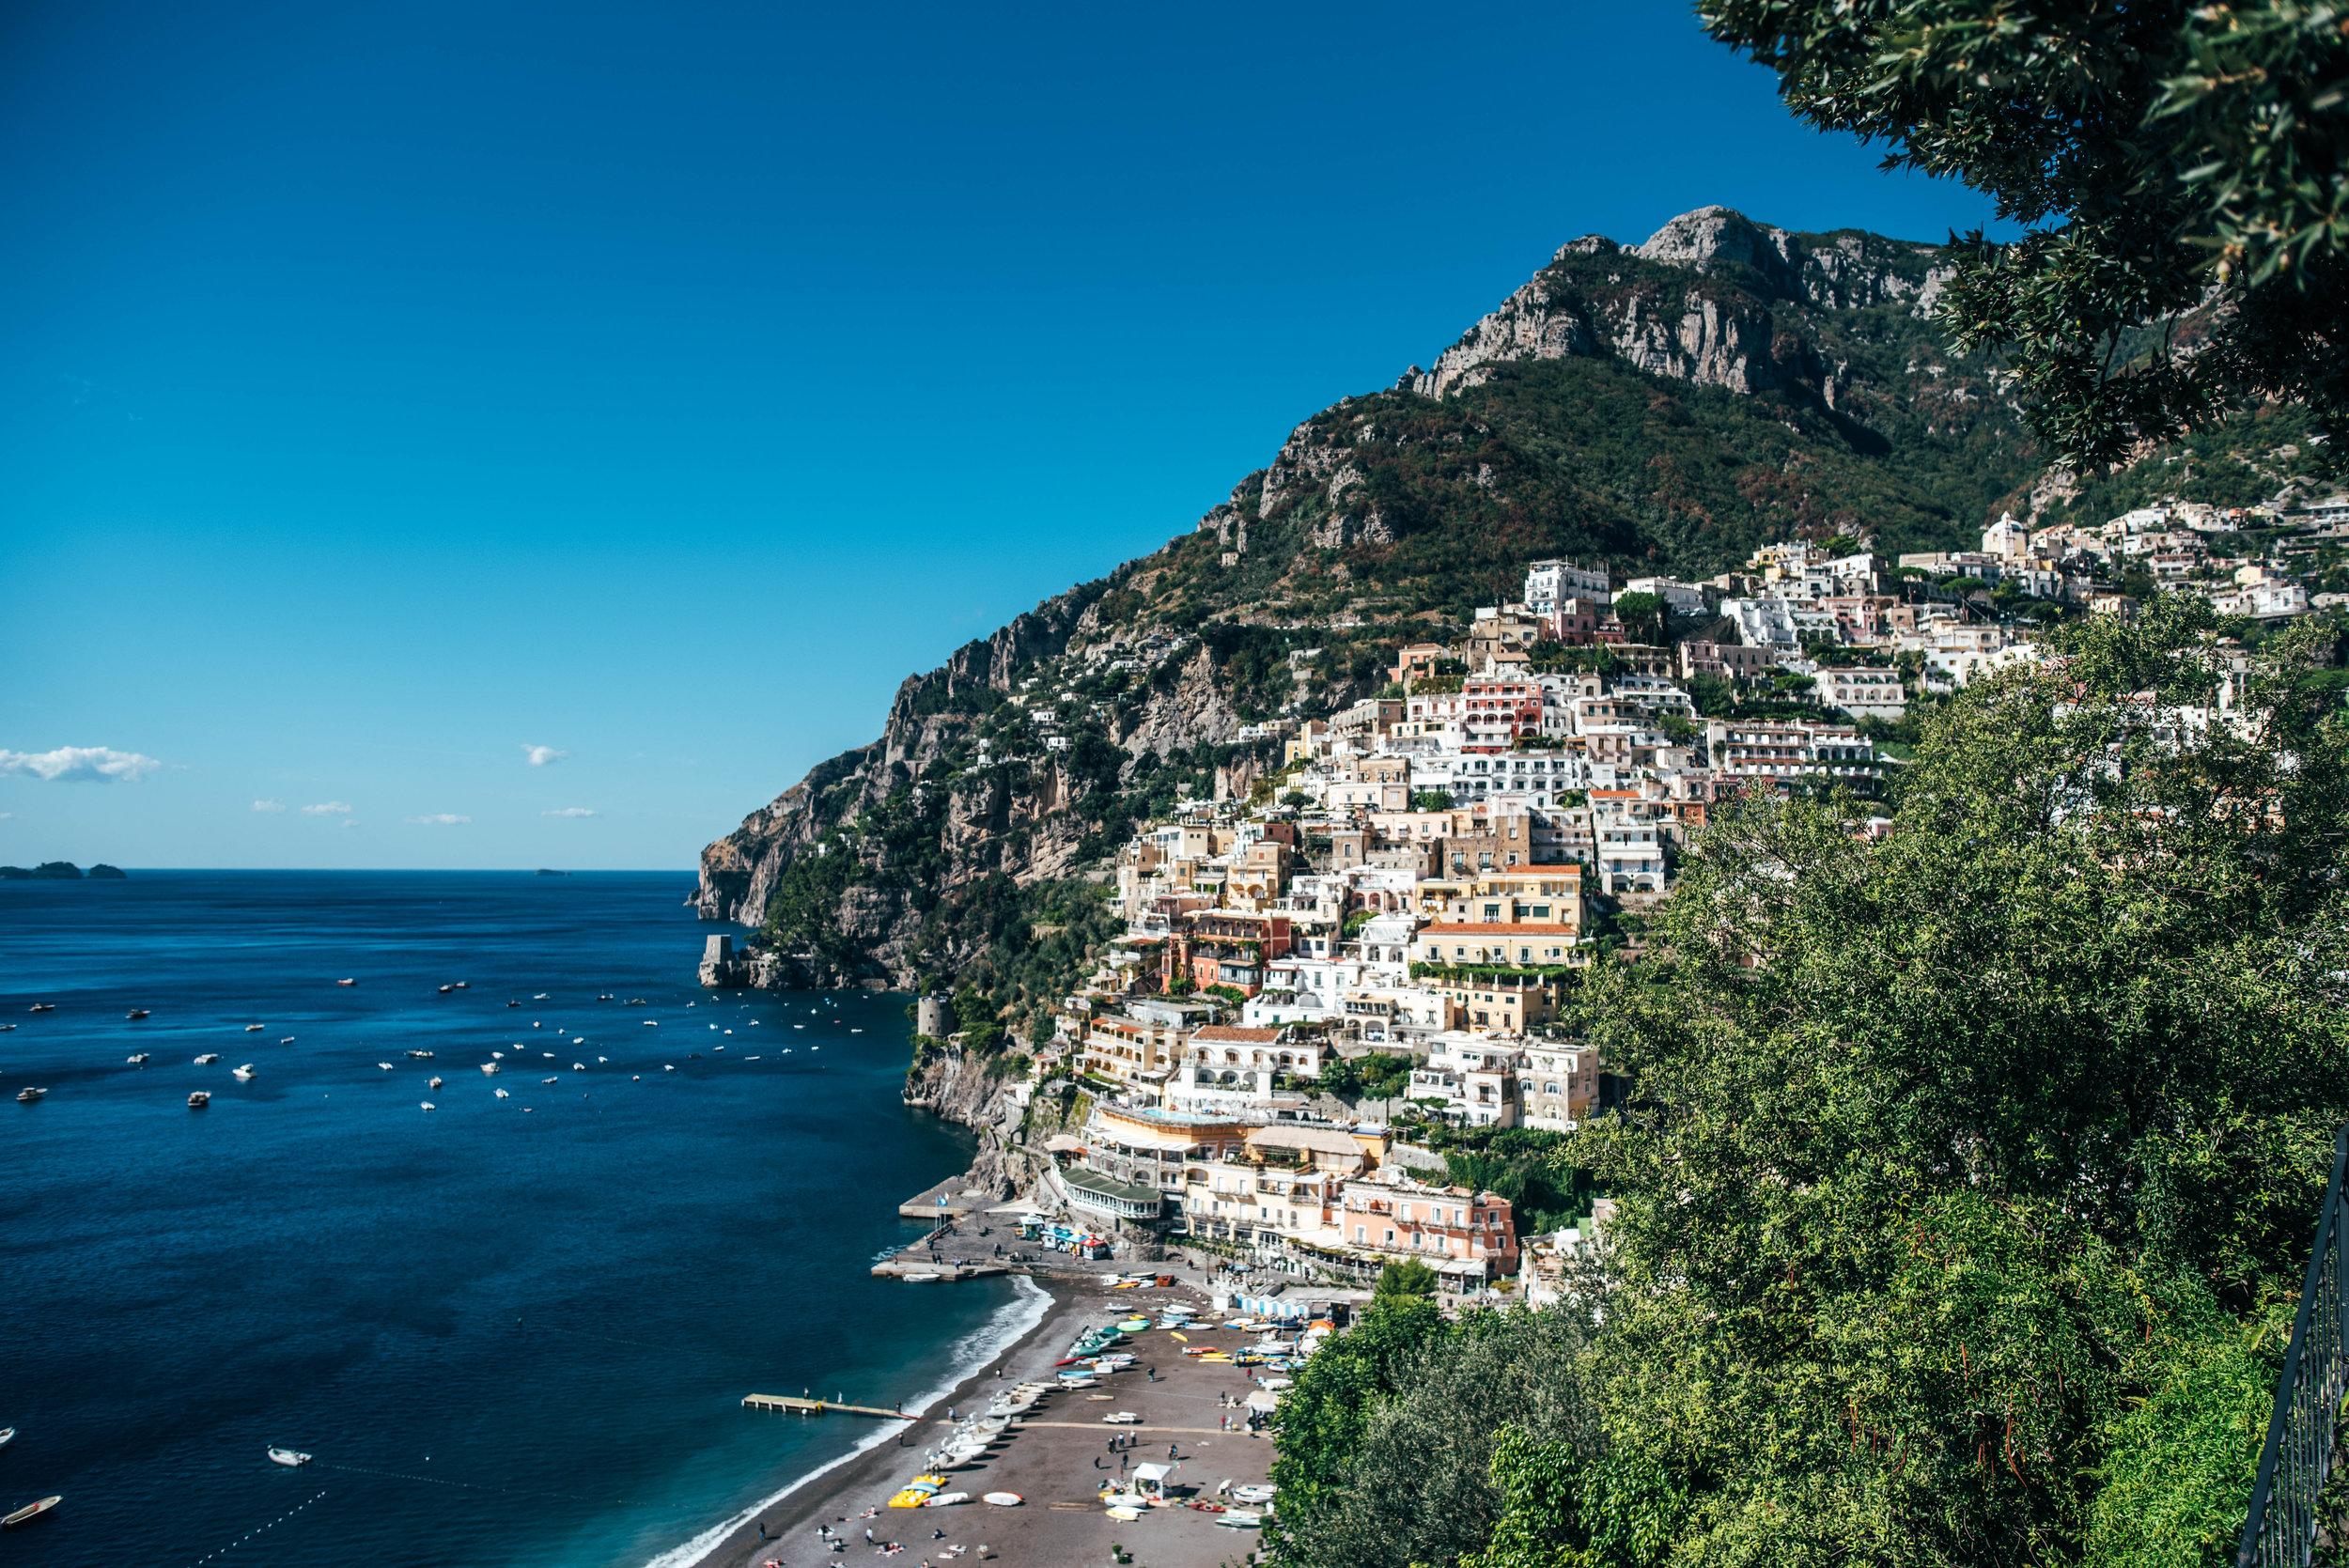 Positano Italy Essex UK Documentary Wedding Travel Photographer